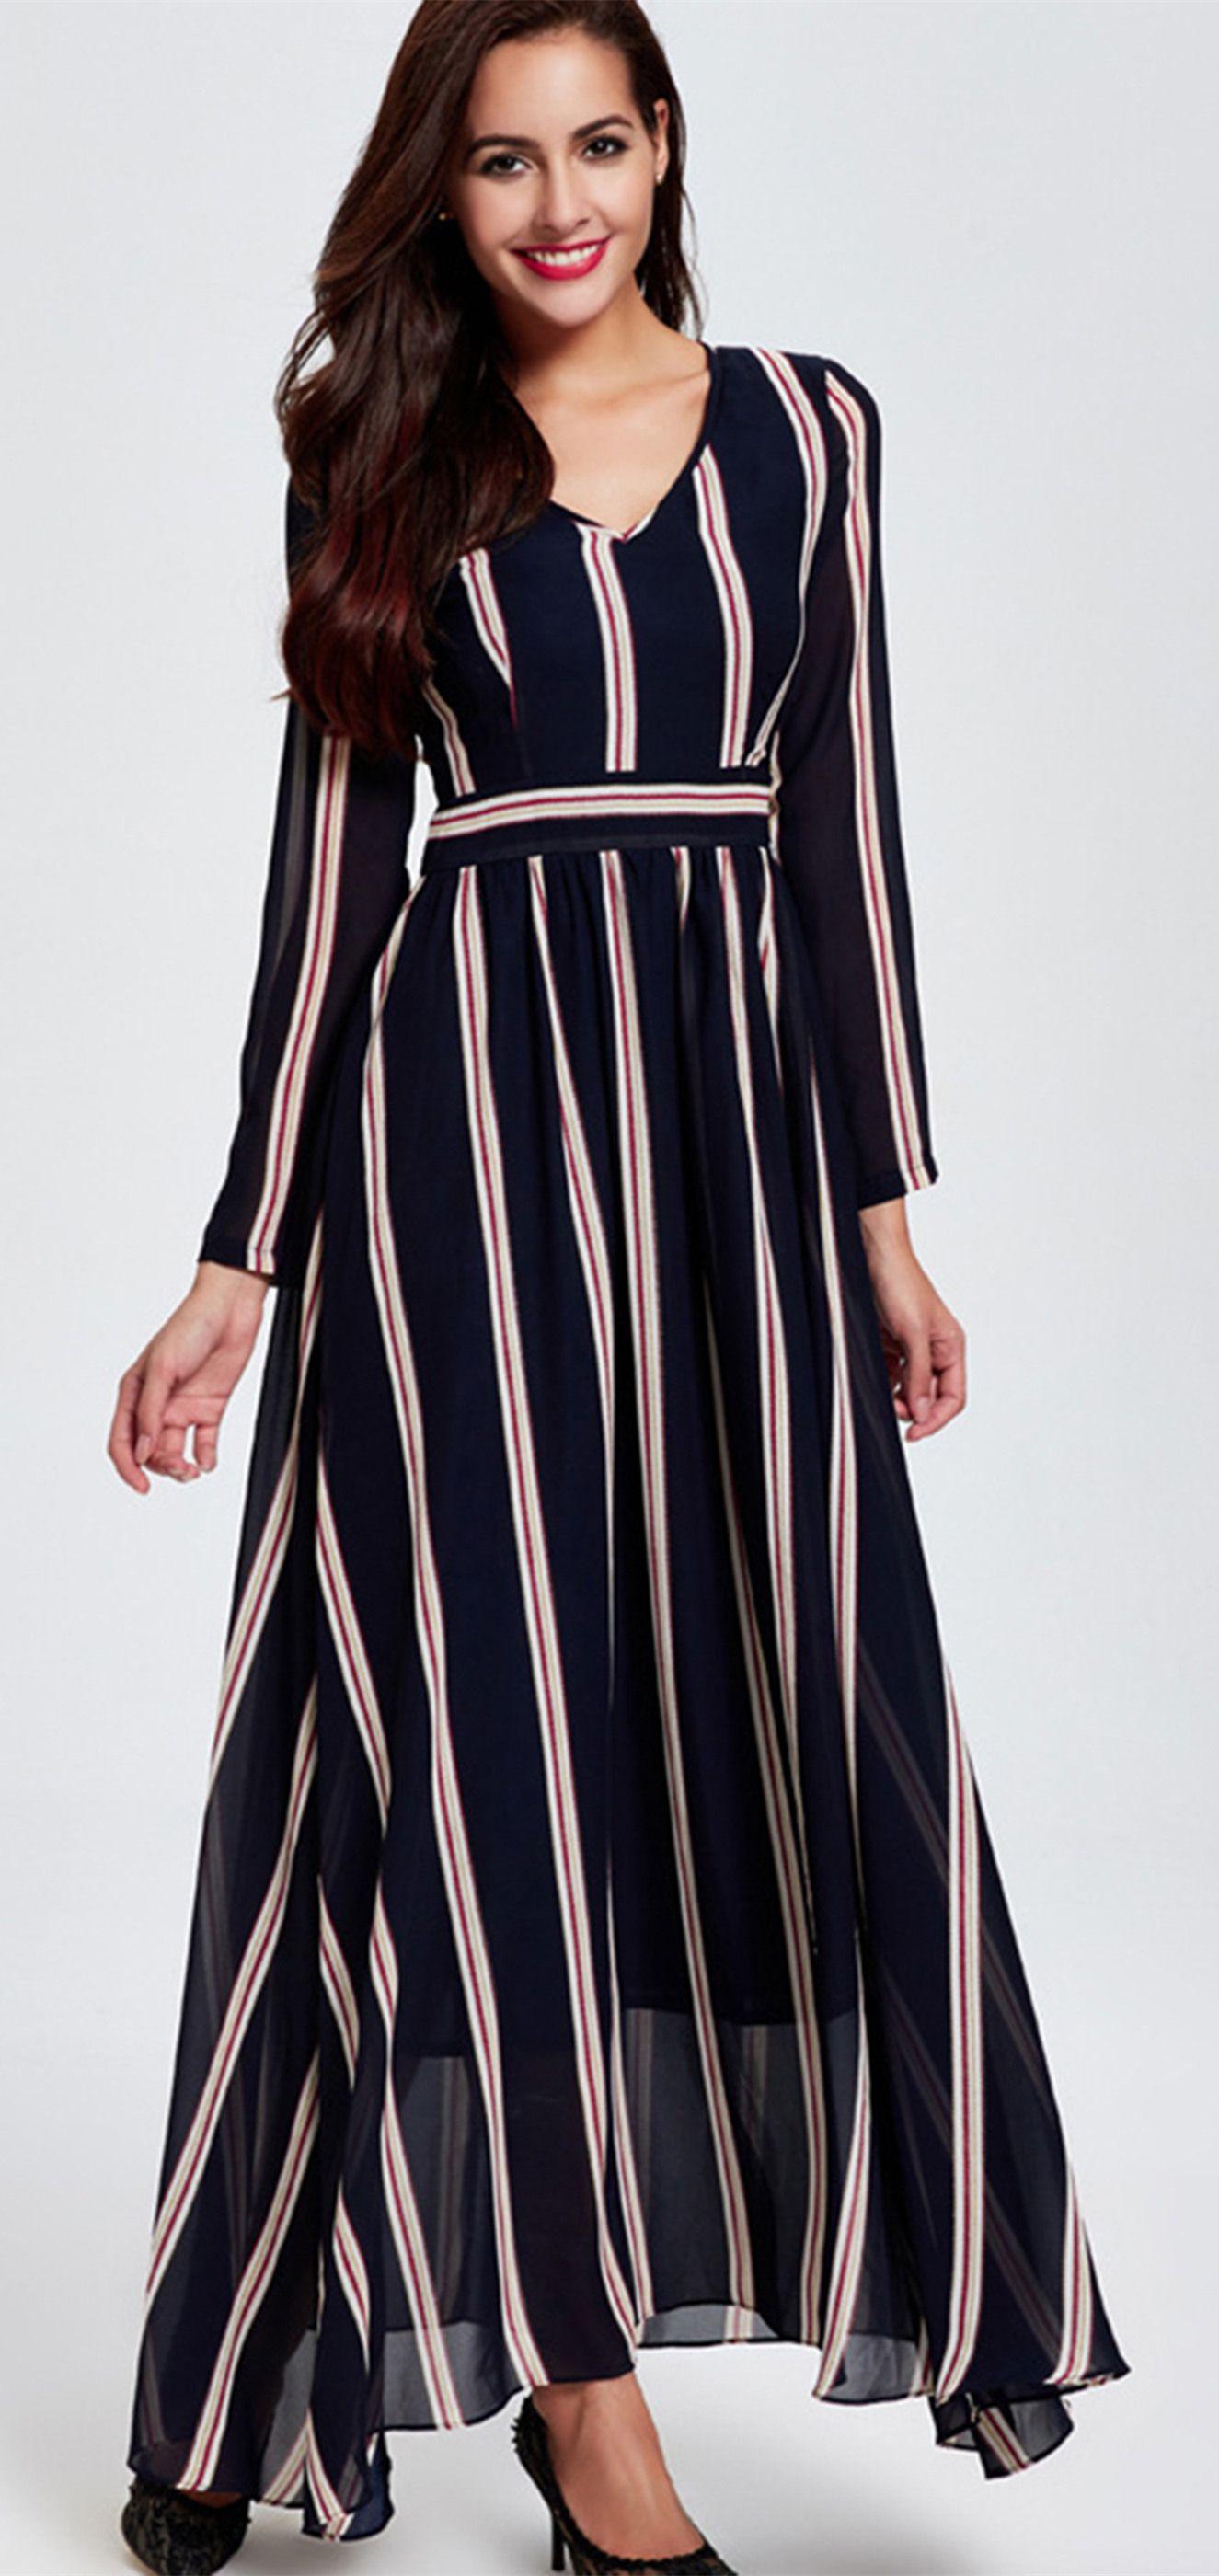 Vertical Striped V Neck Empire Waist Maxi Dress Stripped Maxi Dresses Women Long Sleeve Dress Empire Waist Maxi Dress [ 2800 x 1325 Pixel ]